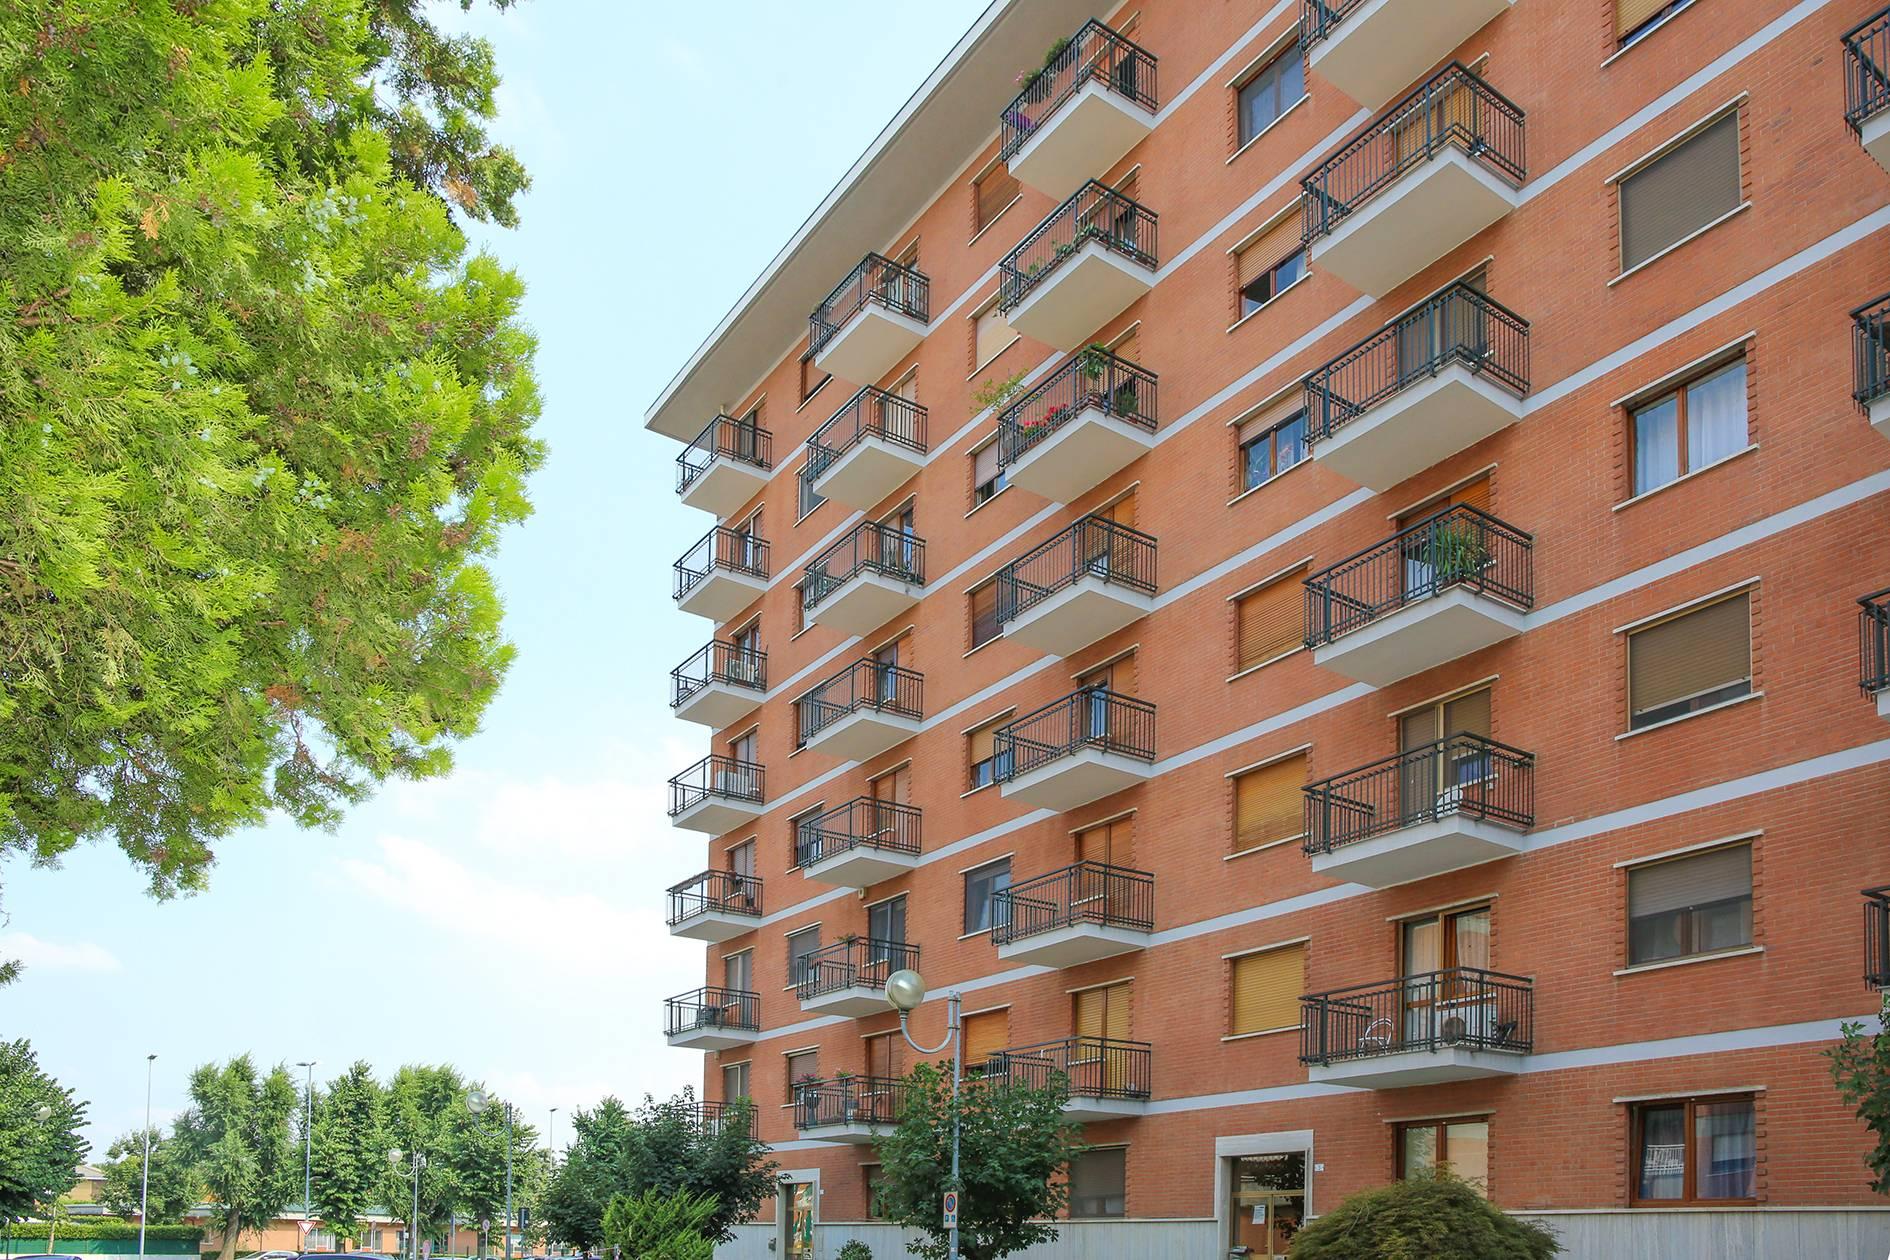 Appartamento in vendita a Borgaro Torinese, 3 locali, zona Località: Centrale, prezzo € 135.000   CambioCasa.it